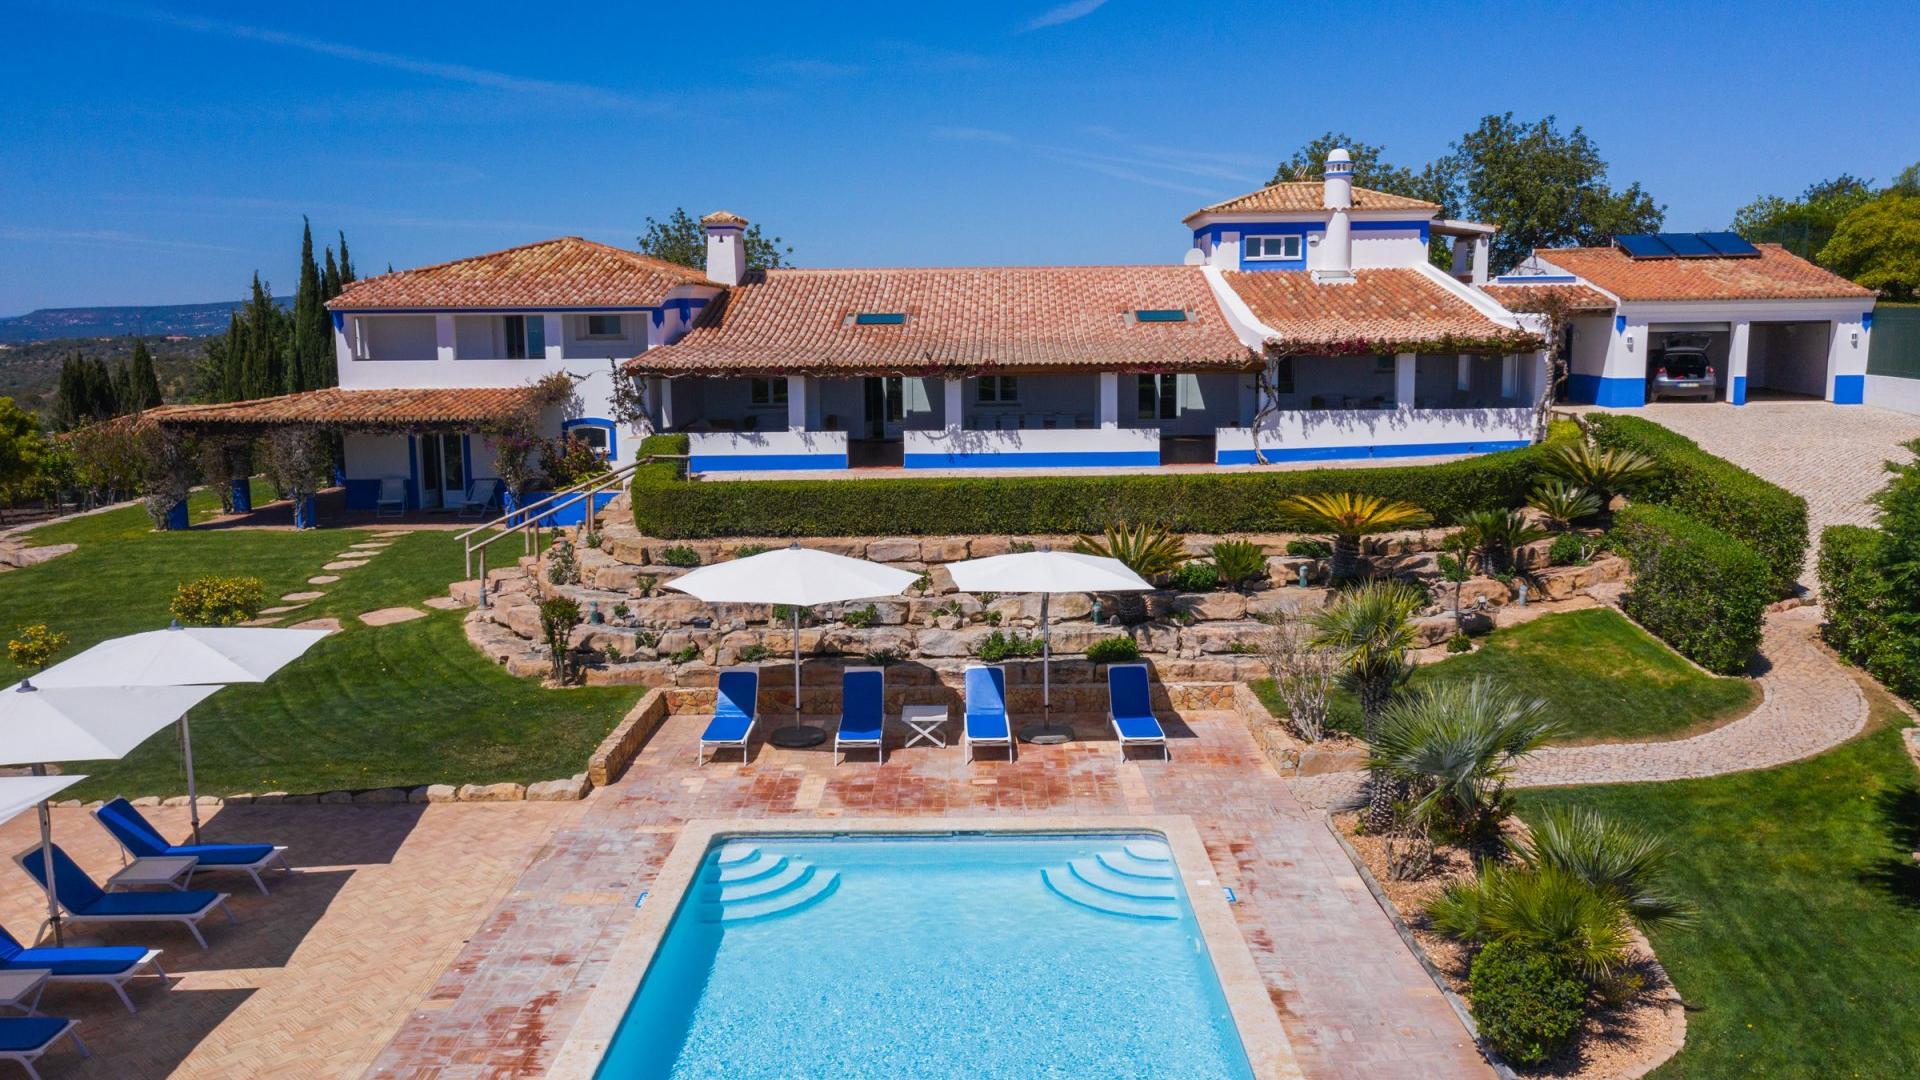 Villa Montanha - Boliqueime, Algarve - DJI_0735.jpg